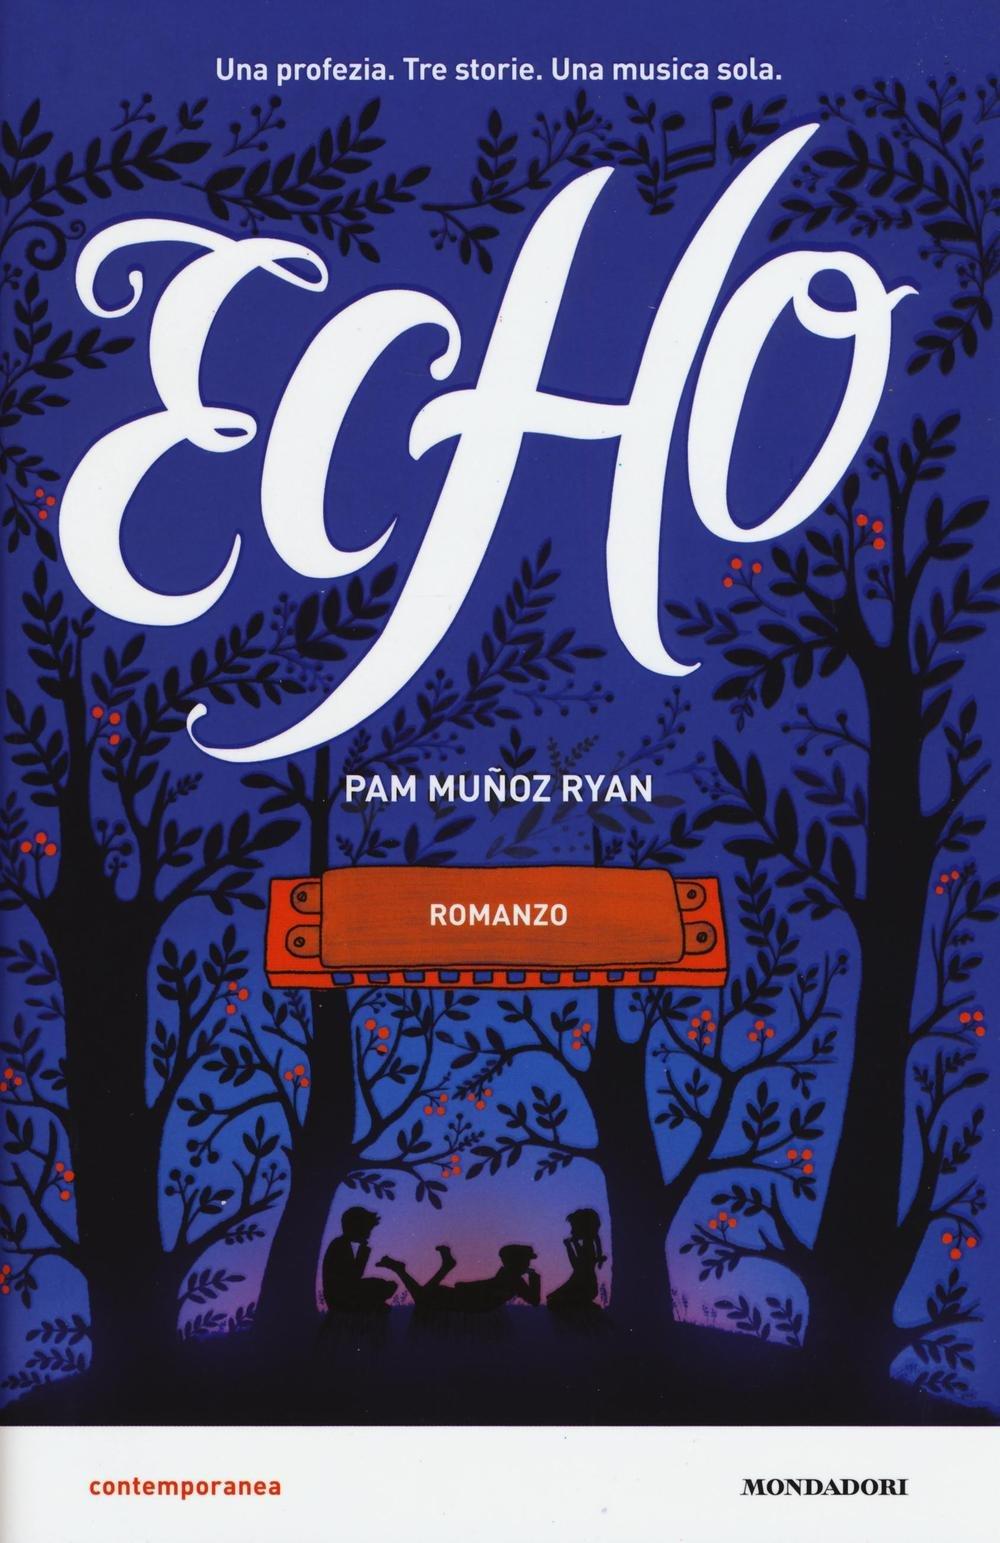 Echo Pam Munoz Ryan